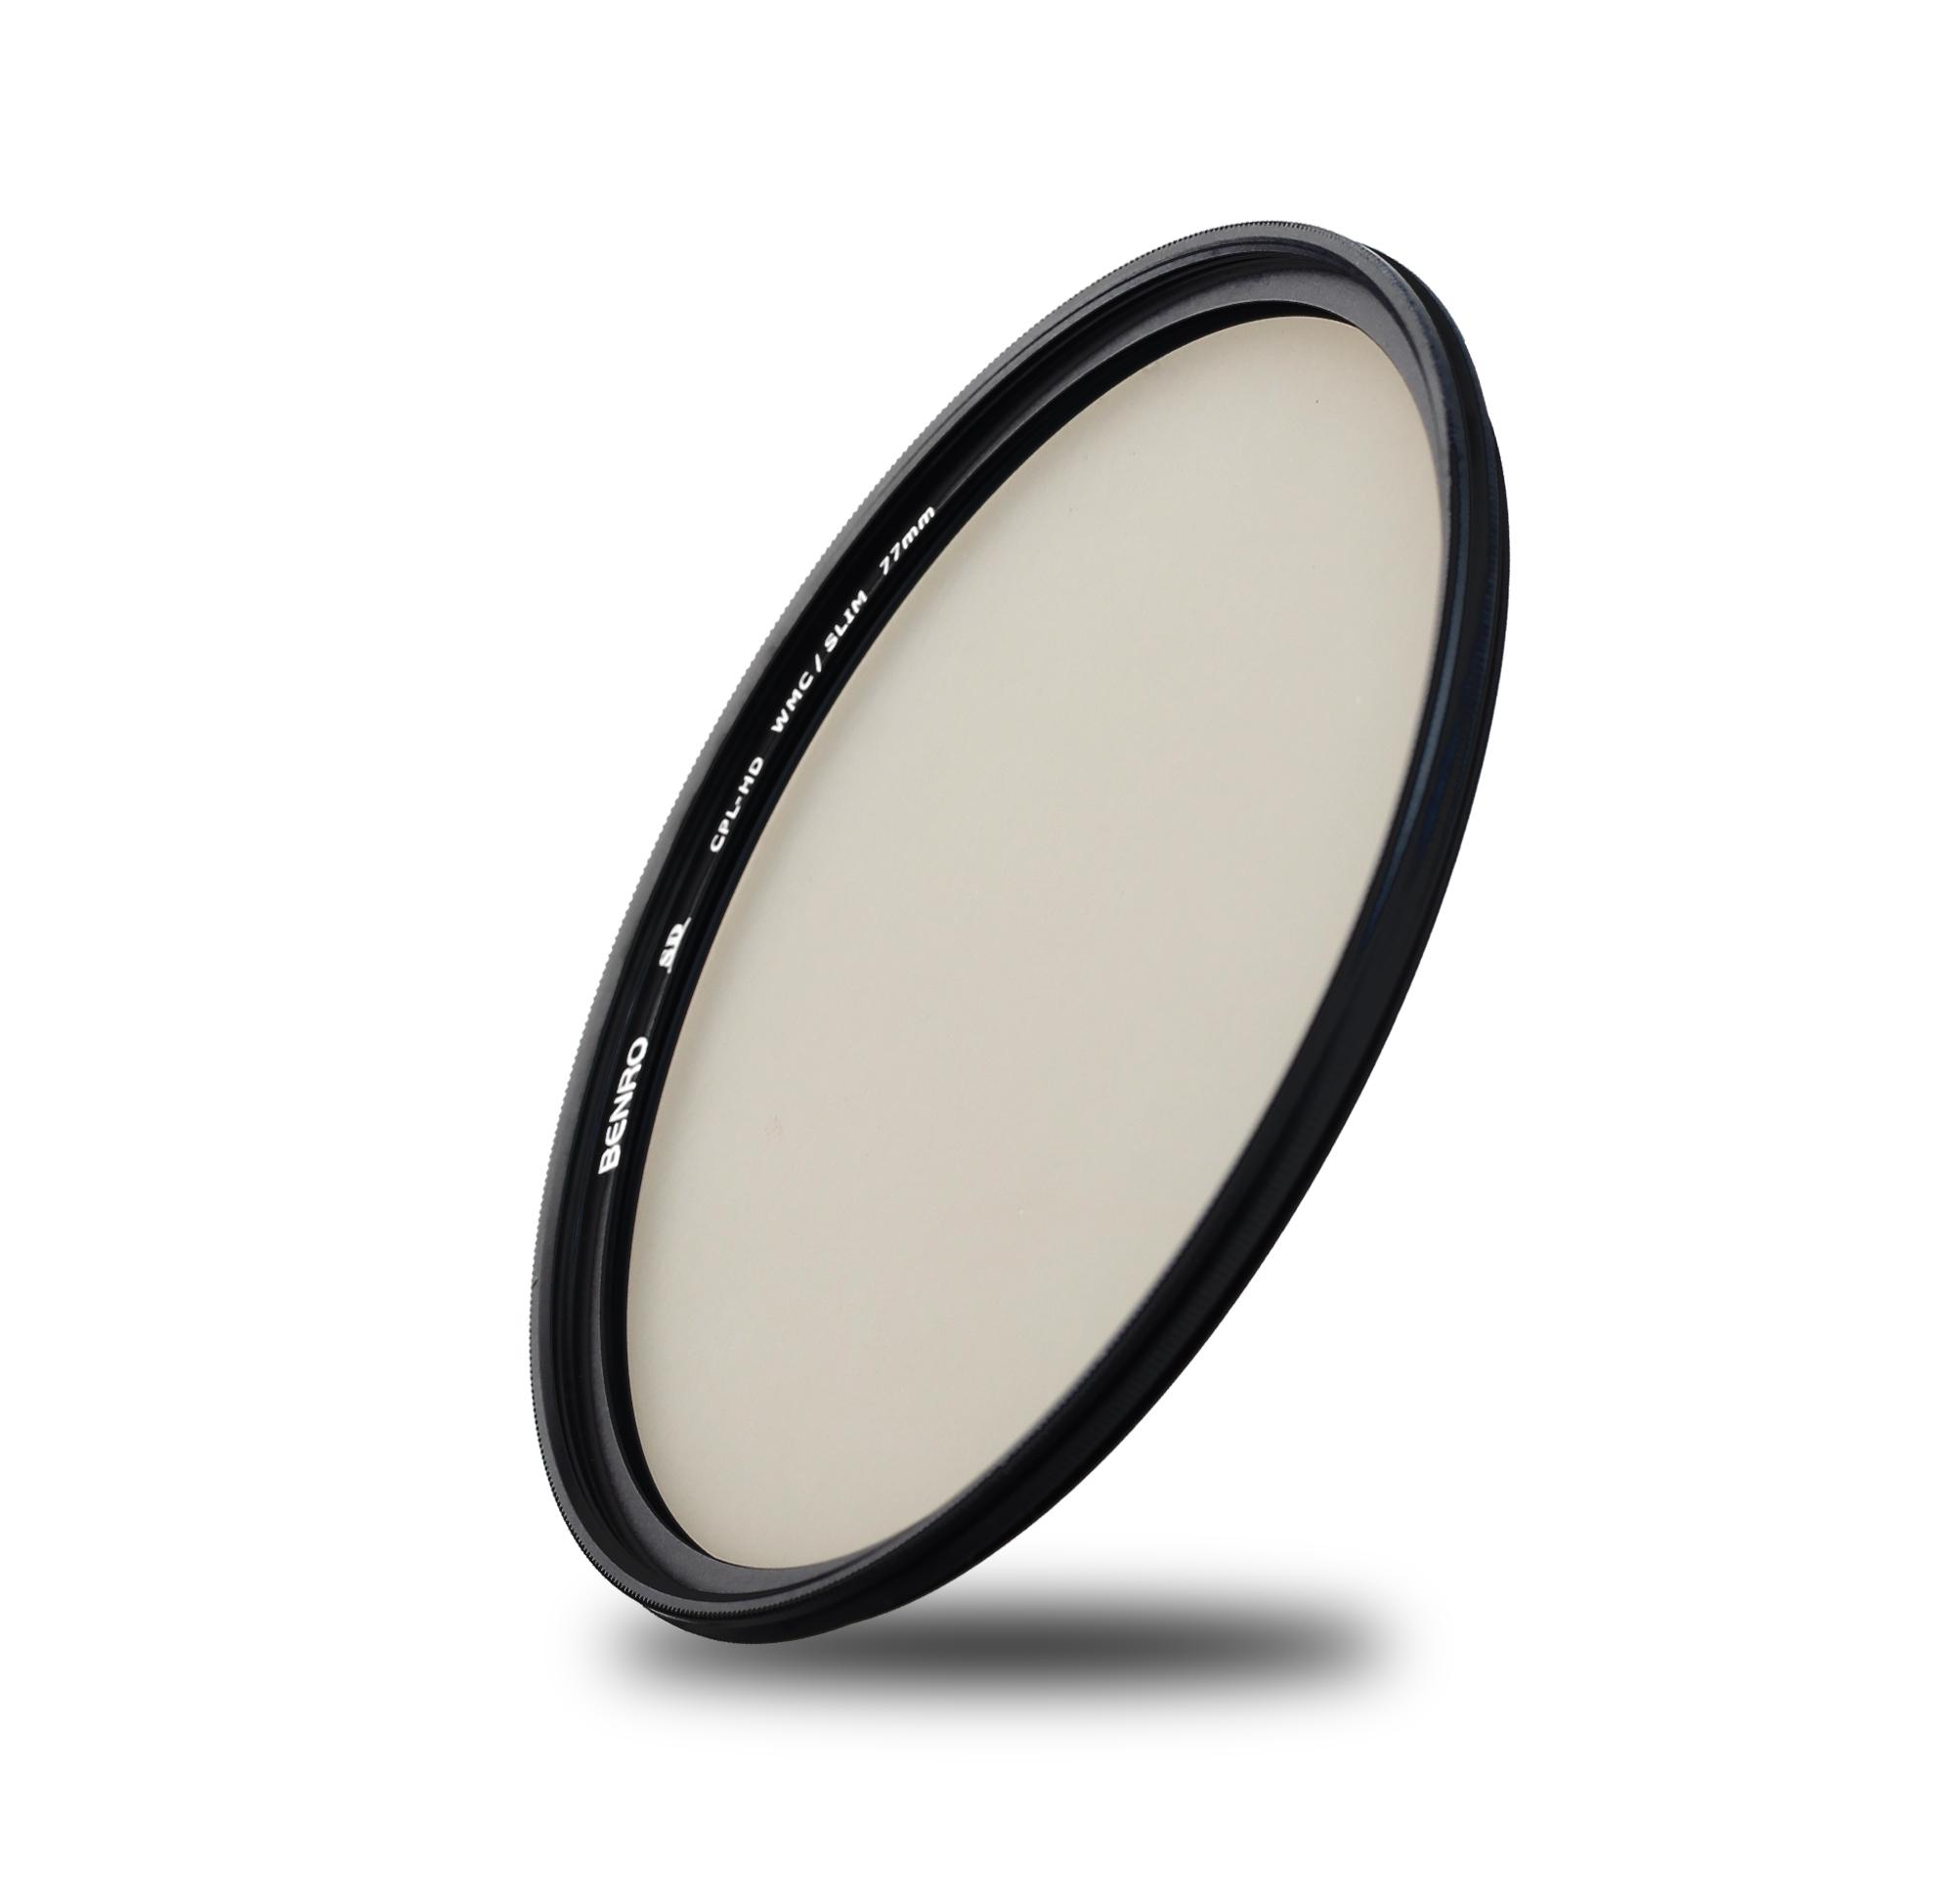 SD CPL 圆形滤镜